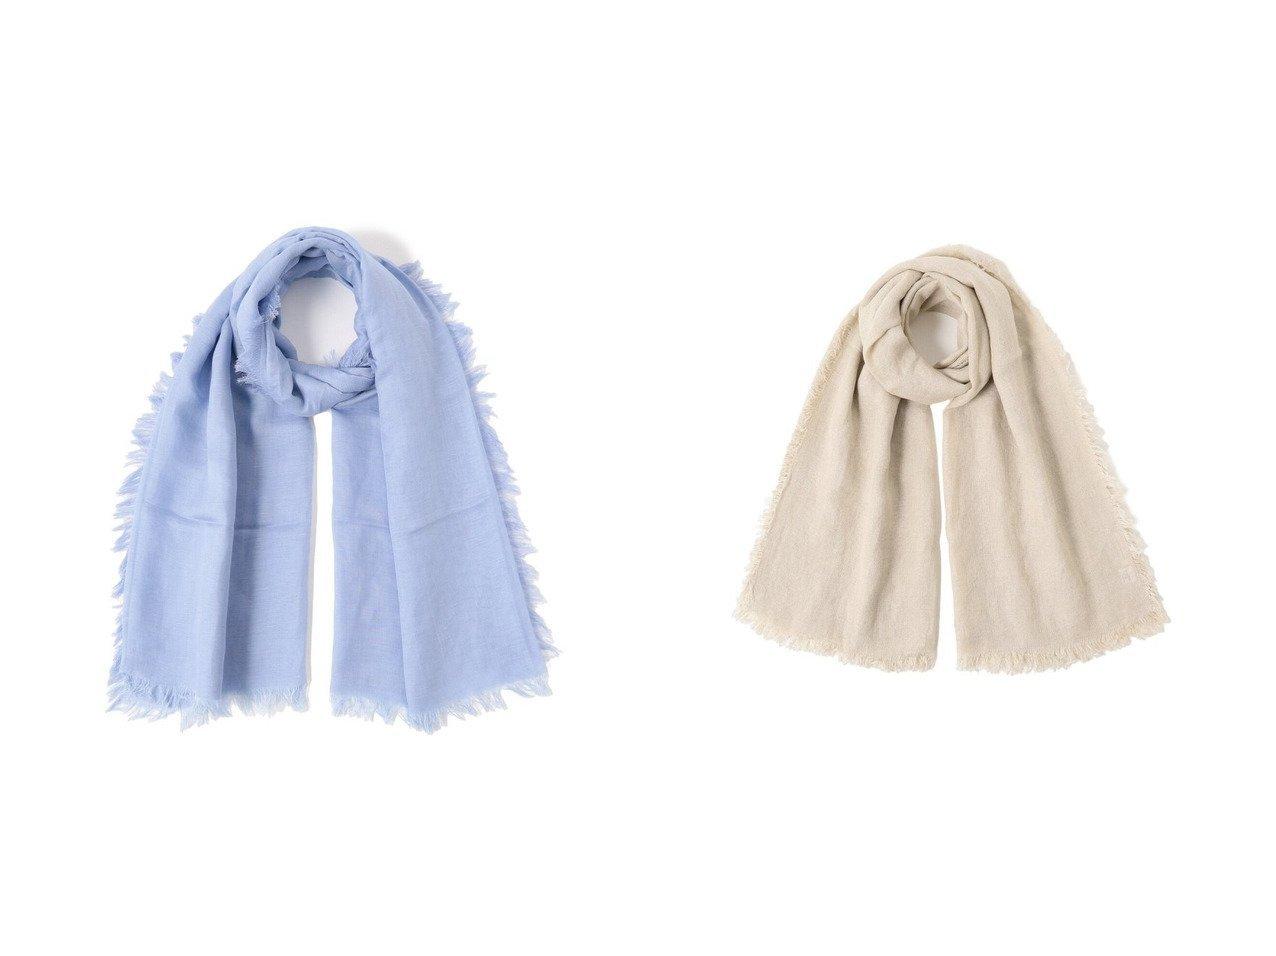 【Demi-Luxe BEAMS/デミルクス ビームス】のフランダースリネン ガーゼストール&モダールリネンシルク メランジュ ストール おすすめ!人気、トレンド・レディースファッションの通販 おすすめで人気の流行・トレンド、ファッションの通販商品 メンズファッション・キッズファッション・インテリア・家具・レディースファッション・服の通販 founy(ファニー) https://founy.com/ ファッション Fashion レディースファッション WOMEN アクセサリー イタリア シルク ストール スポーツ リネン A/W 秋冬 AW Autumn/Winter / FW Fall-Winter NEW・新作・新着・新入荷 New Arrivals |ID:crp329100000013267